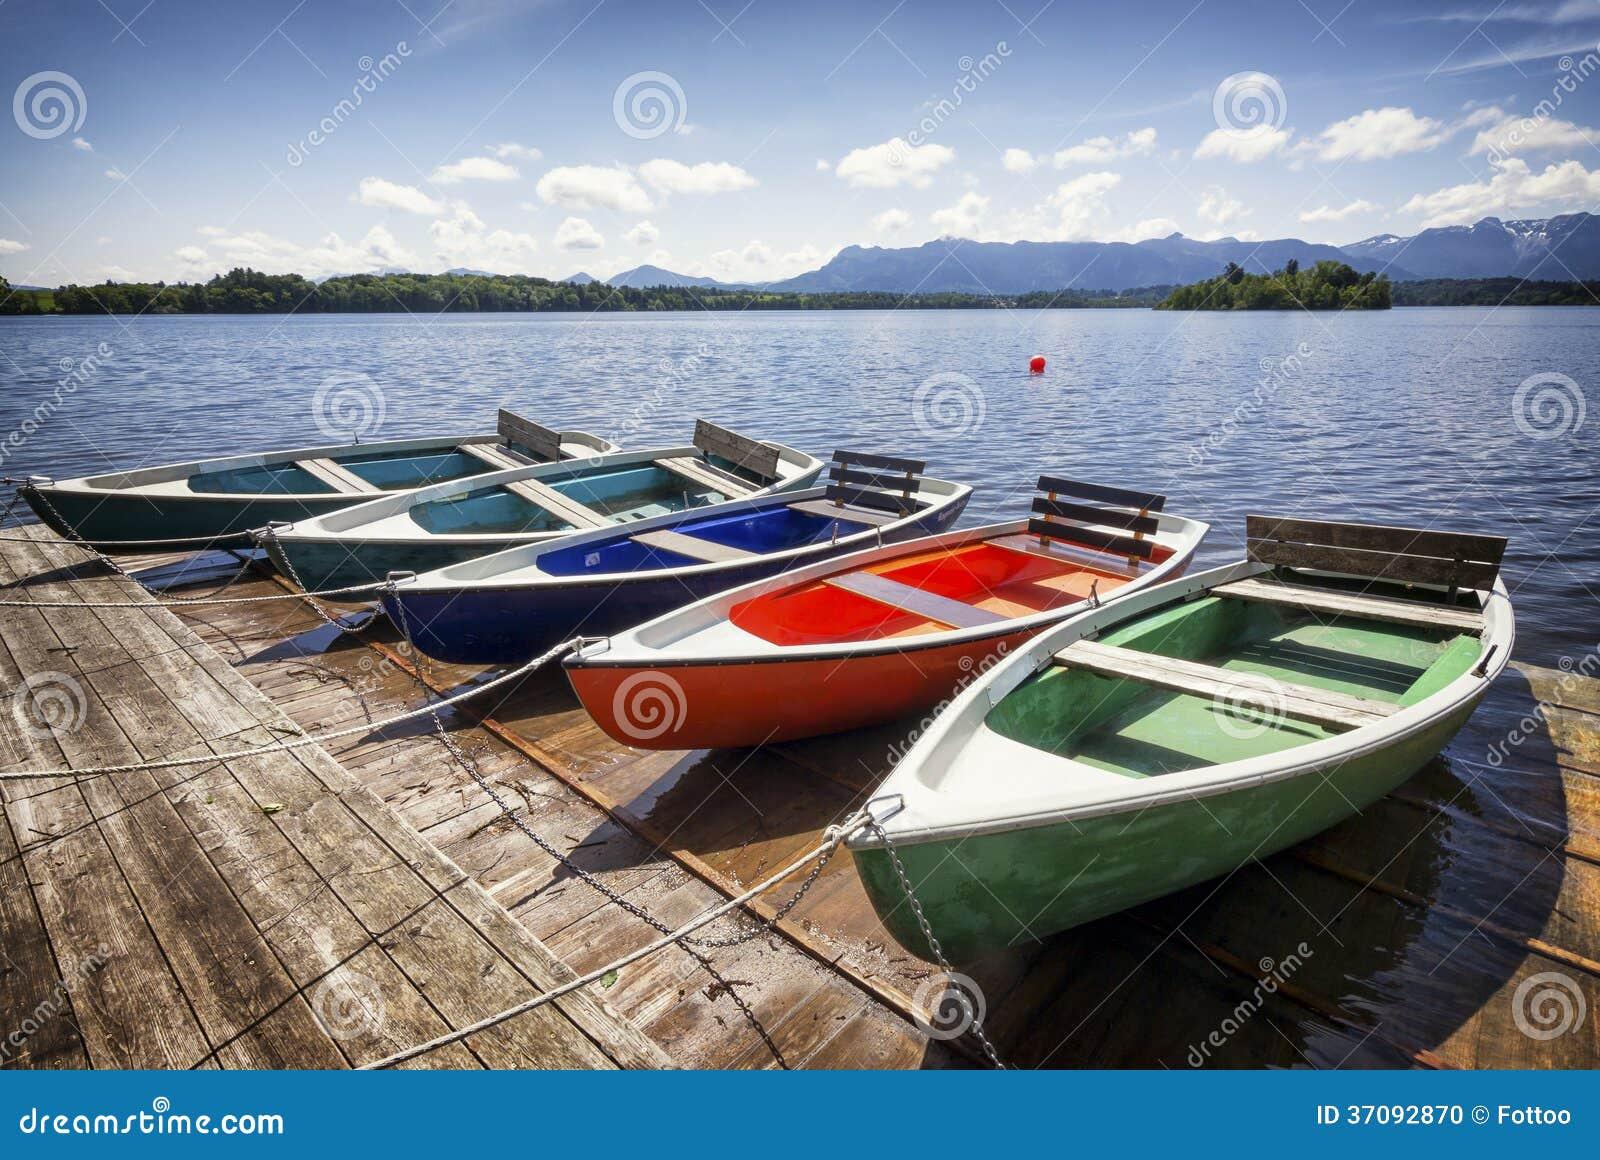 Download Rząd łodzie zdjęcie stock. Obraz złożonej z idylliczny - 37092870